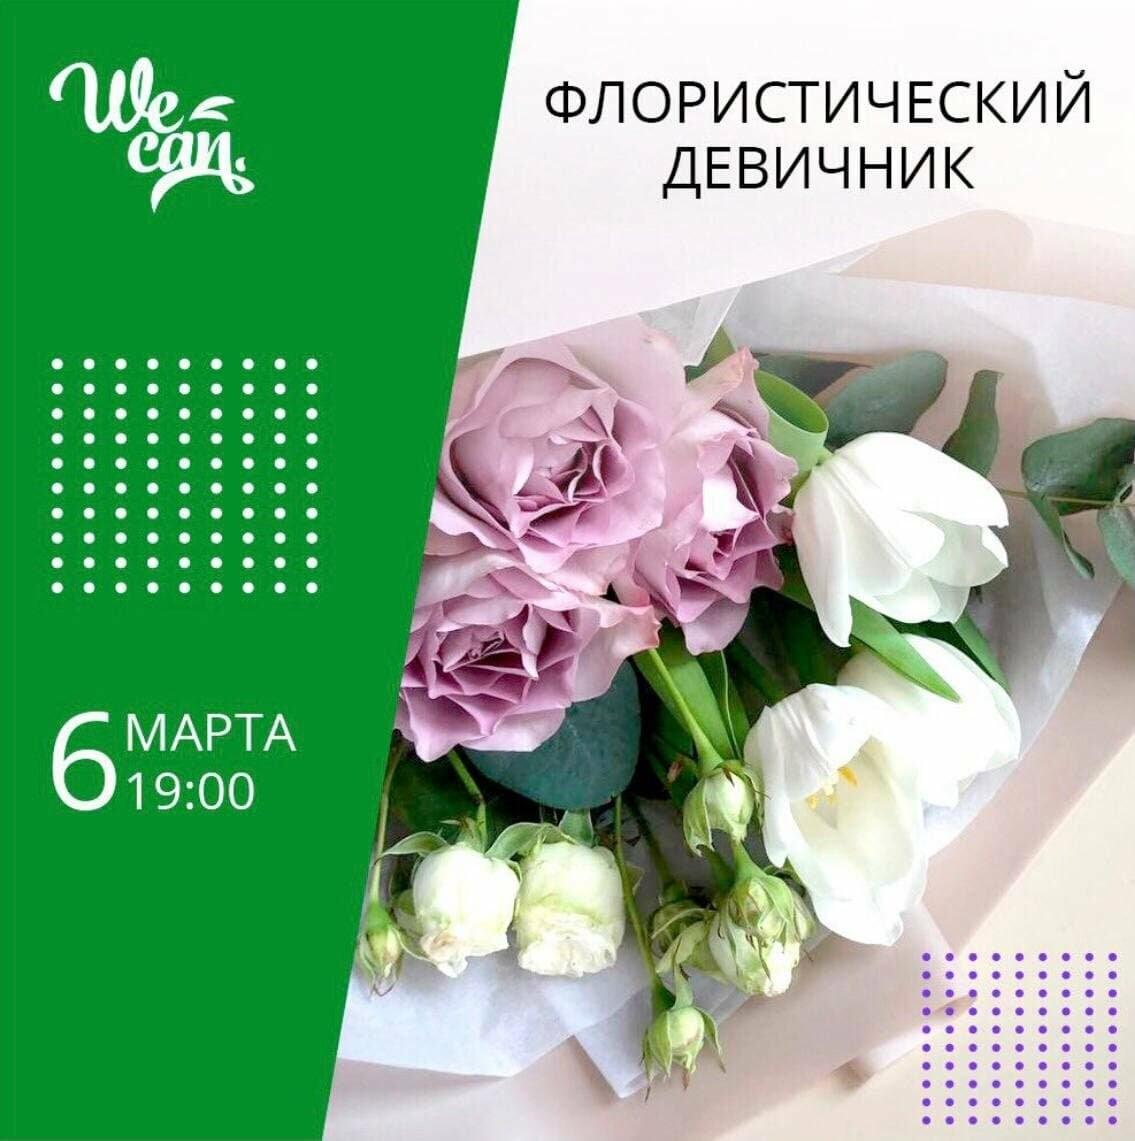 ТОП-10 мероприятий к 8 марта в Одессе, фото-1